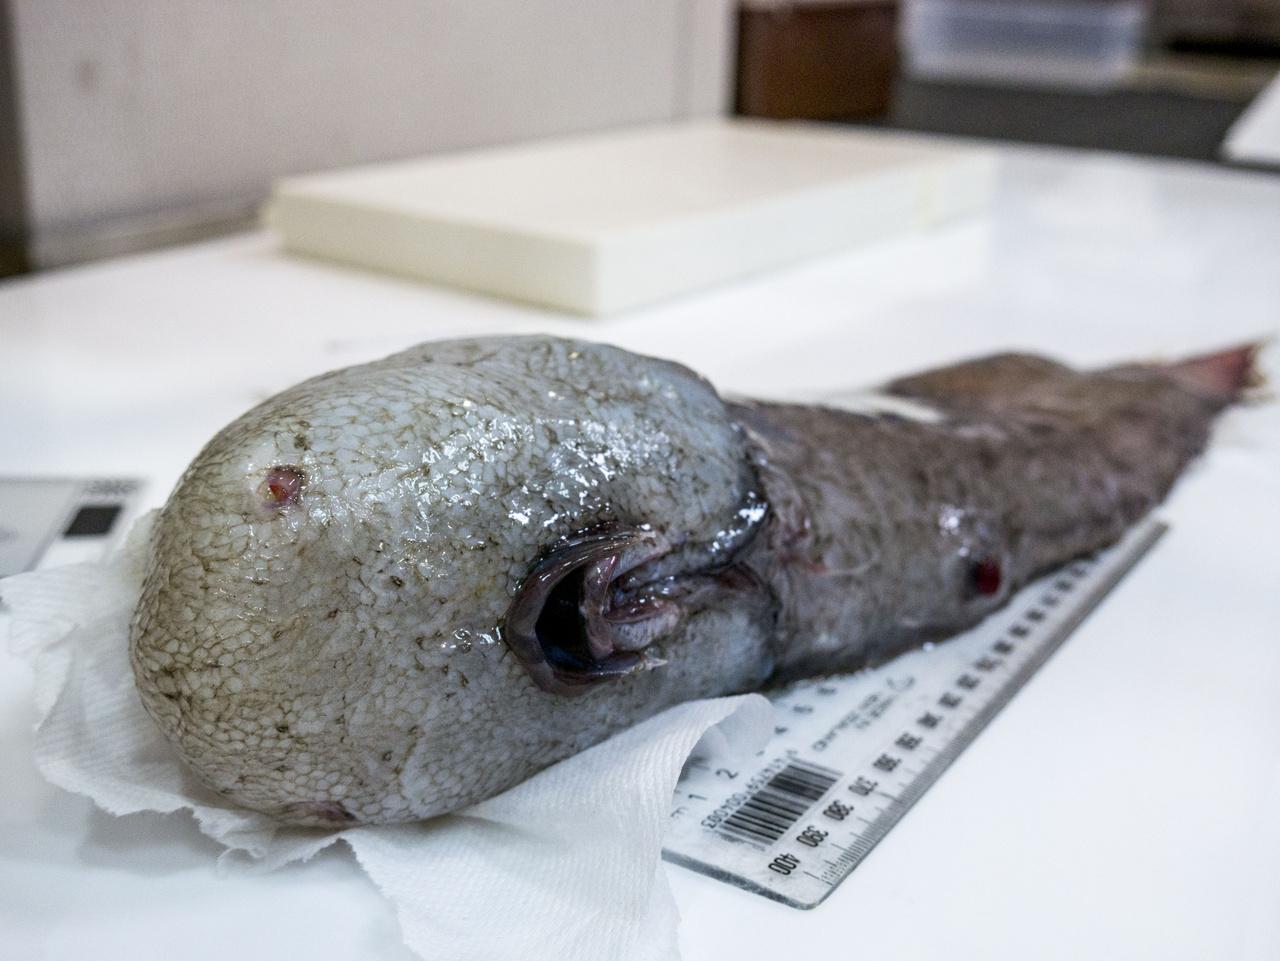 Erről az arctalan halról még a kutatók is azt hitték, hogy új fajt találtak, amíg bele nem botlottak a szakirodalomban. Ember 1873-ban látta először és eddig utoljára.